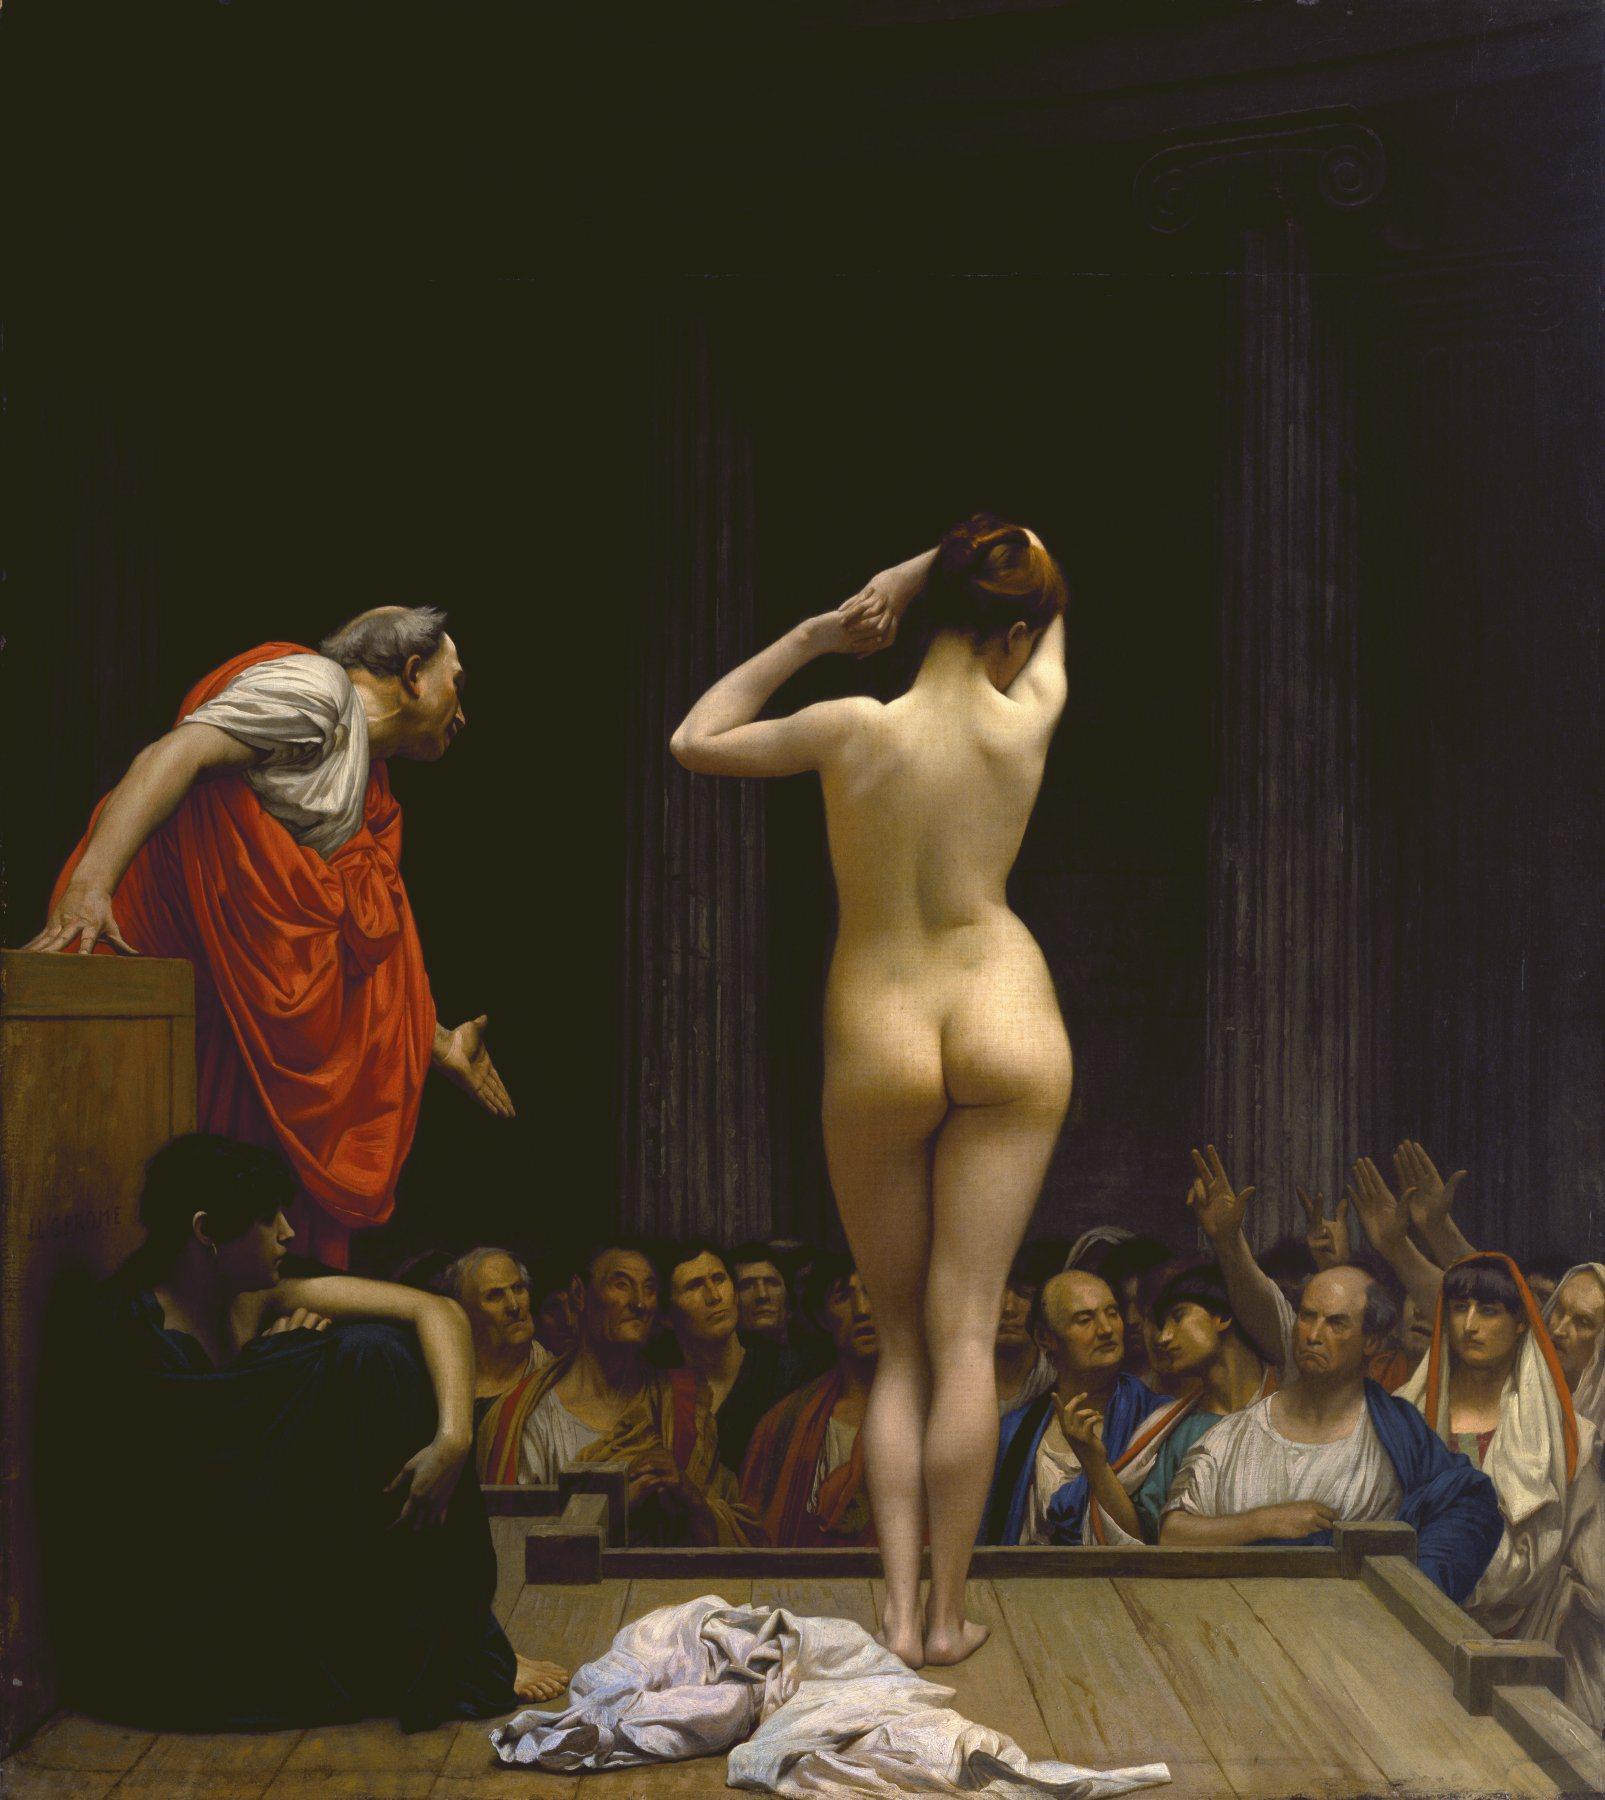 a-roman-slave-market-by-jean-lc3a9on-gc3a9rome